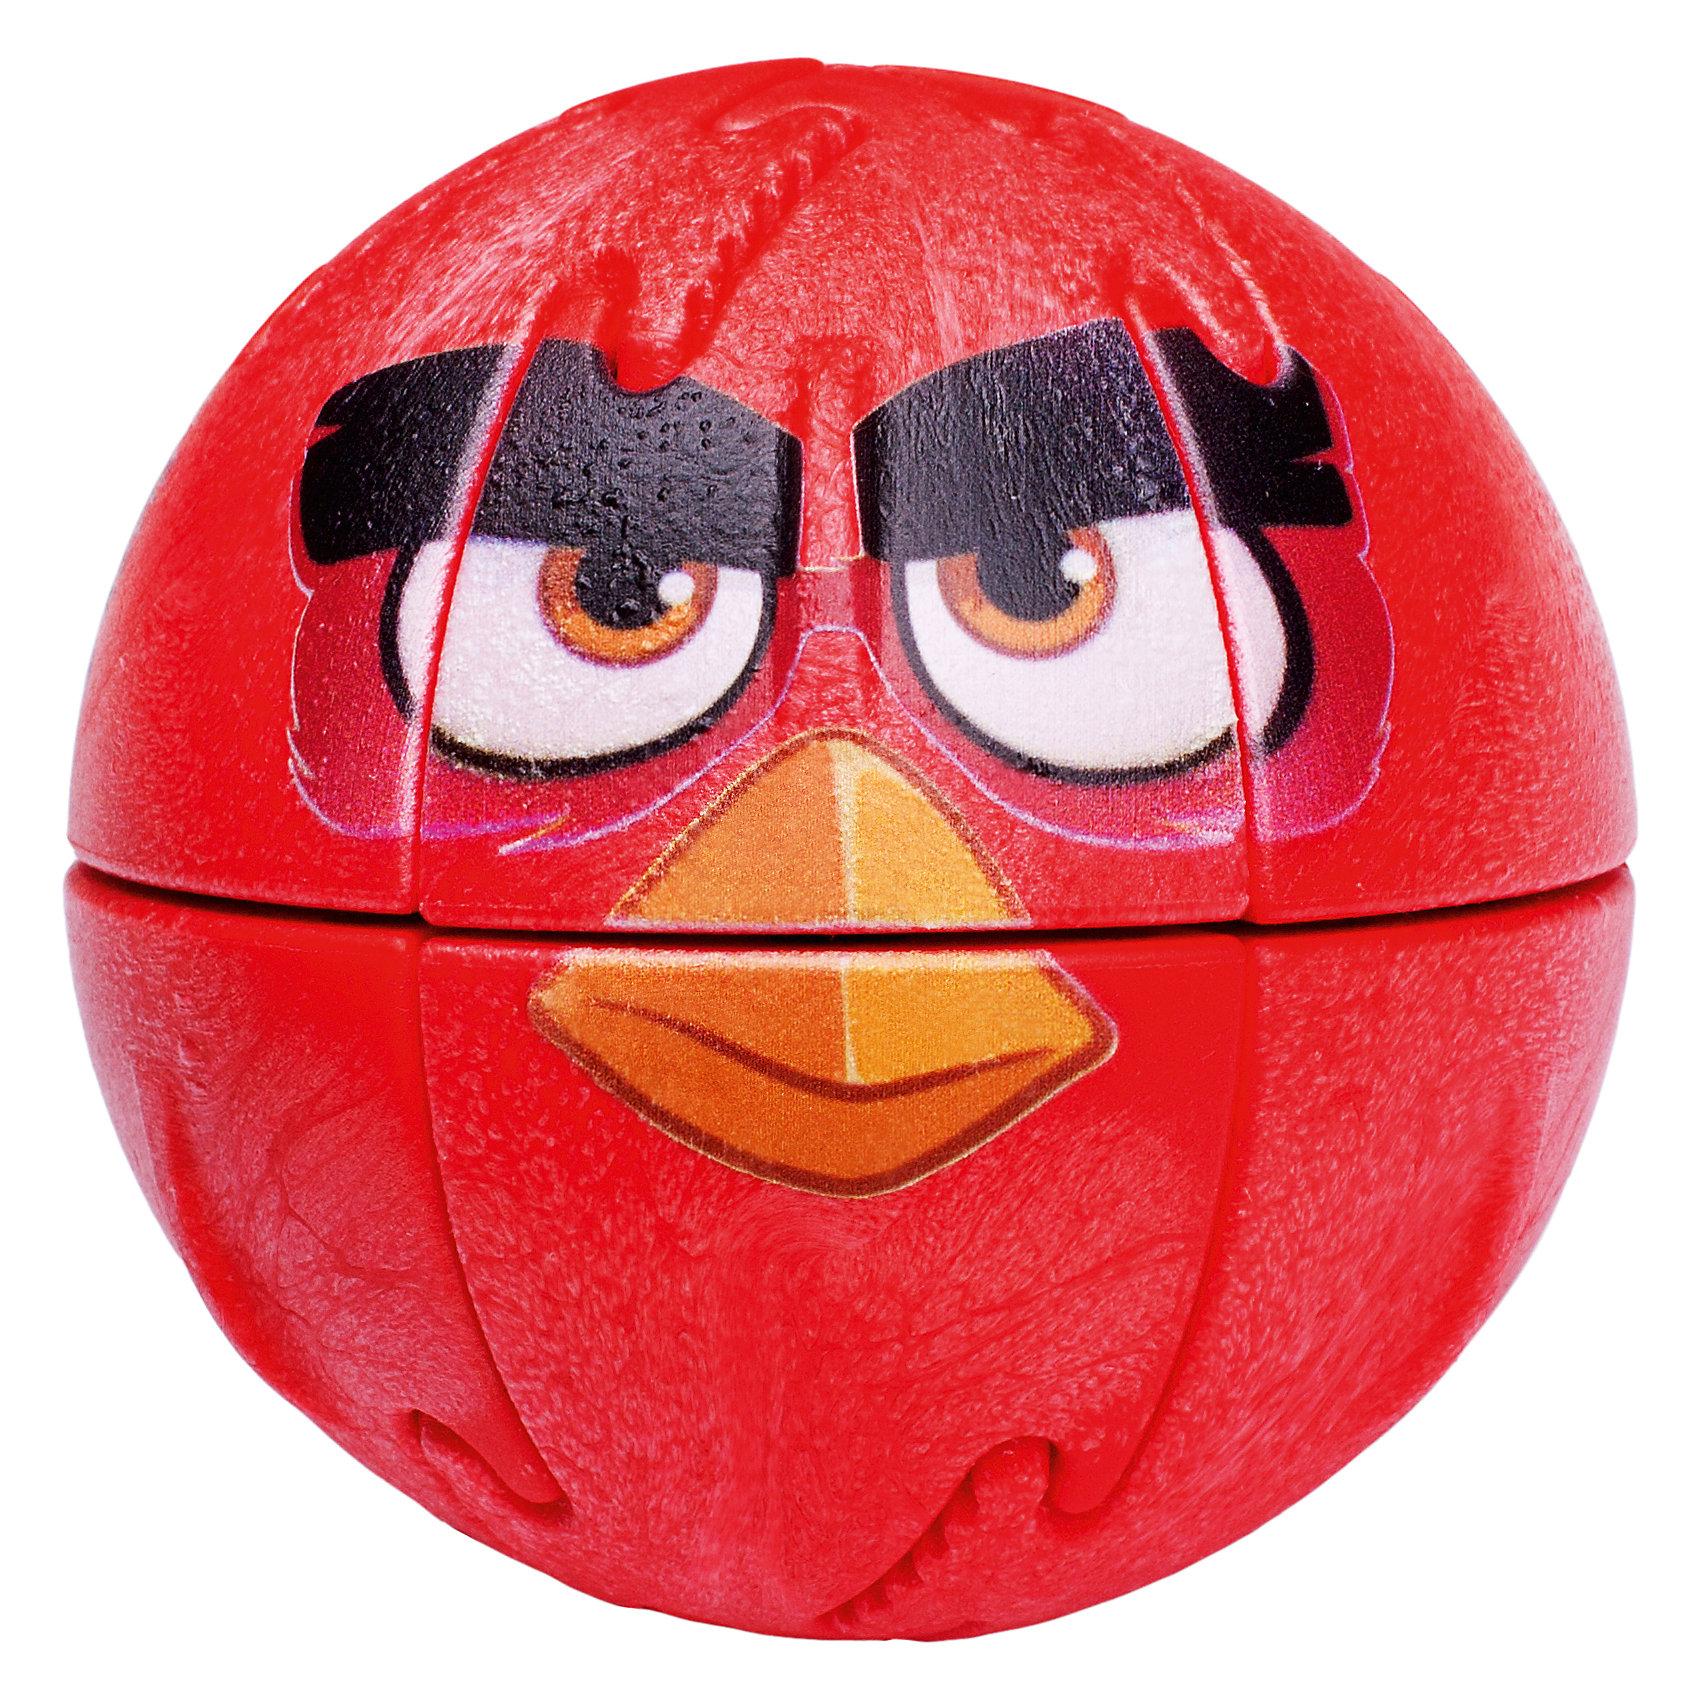 Крашики Red, Angry BirdsКрашики Red, Angry Birds – развивающий многофункциональный объемный магнитный пазл, совершенно новое слово в мире детских игр и головоломок.<br>Собери самого популярного героя Angry Birds с новым объемным пазлом Крашик. Рэд — птичка с взрывным характером. Он прирождённый лидер и больше всех беспокоится о яйцах — помоги ему отобрать их у коварных свинок! Крашик Angry Birds не имеющий аналогов на рынке, поможет скрасить досуг любого ребенка, группы детей, или даже их родителей. С необычной головоломкой можно придумывать различные вариации веселой игры, что поможет отвлечь современных детей от планшетов и телефонов. Детали головоломки соединяются друг с другом с помощью пазов и удерживаются магнитами. Задача состоит в том, чтобы правильно соединить детали и собрать персонажа из Angry Birds. При этом необходимо учитывать магнитные полюса каждой детали, что познакомит детей с основами магнетизма. Также внутри каждого пазла находится небольшое пластиковое яйцо. С крашиками можно играть как самостоятельно, так и в компании друзей. Чем больше детей и пазлов – тем интереснее играть! Можно собрать своего неповторимого персонажа, соединив детали от разных крашиков или выстроив в ряд свинок, выбивать их птичками, пока их свинок не выпадет пластиковое яйцо. Крашики Angry Birds изготовлены из качественного безопасного материала на современном оборудовании. Крашики Angry Birds не только вернут современному поколению веселое и активное детство вдали от новомодных гаджетов, но и помогут развить логическое мышление и мелкую моторику рук. Дети и родители будут в восторге от этой красочной и многогранной игрушки!<br><br>Дополнительная информация:<br><br>- Количество частей пазла: 12<br>- Материал: полипропилен<br>- Сила удерживания половинок: 7 кг.<br>- Размер упаковки: 15,5х15,5 х10 см.<br>- Вес: 310 гр.<br><br>Крашики Red, Angry Birds можно купить в нашем интернет-магазине.<br><br>Ширина мм: 150<br>Глубина мм: 150<br>Высота мм: 100<br>Вес г: 300<br>Возраст от 